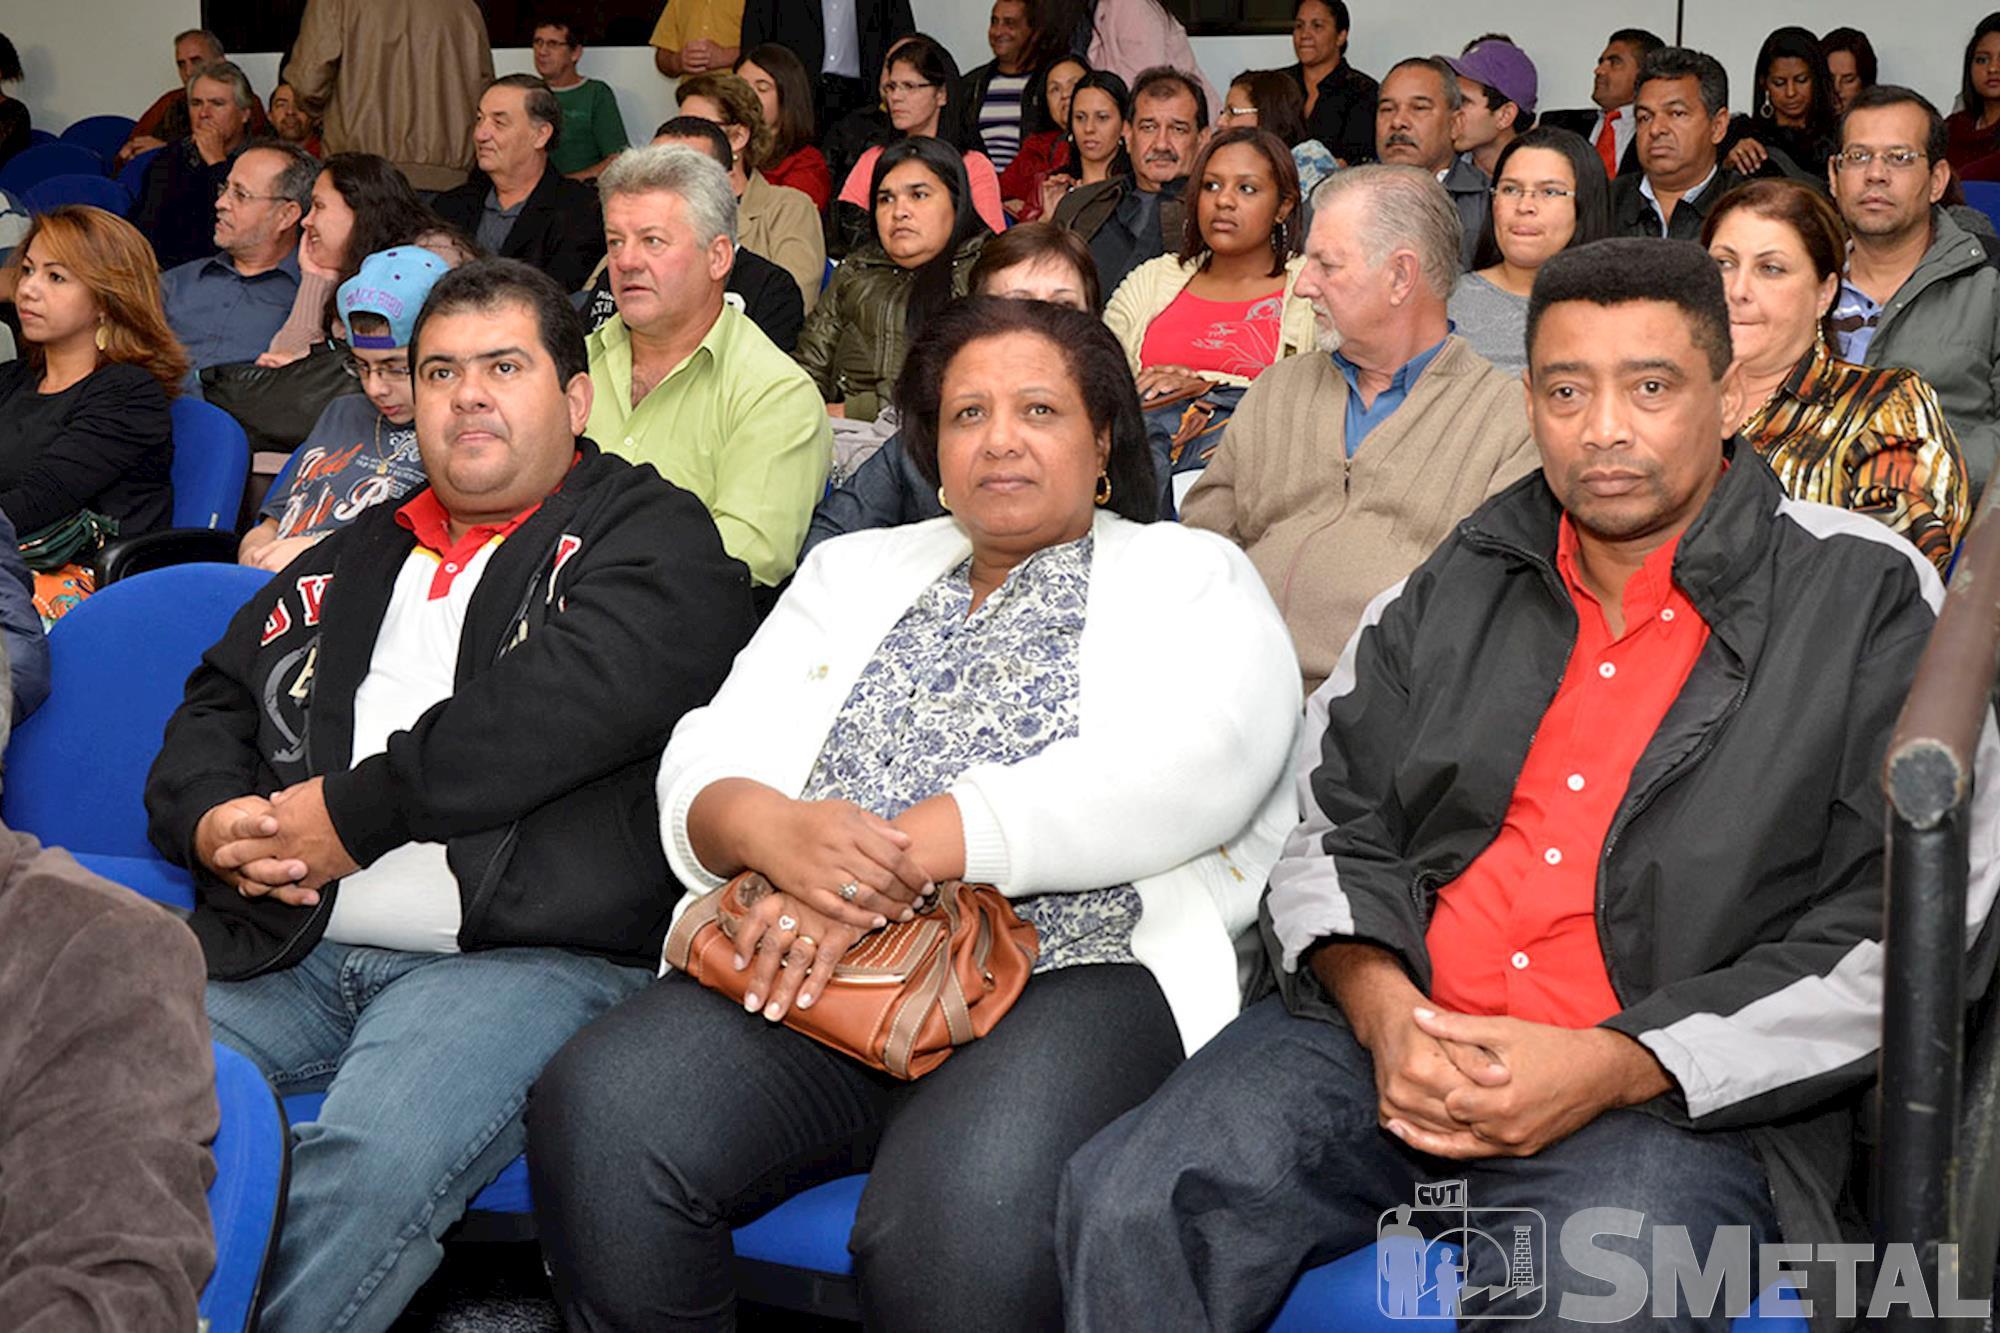 Cerca de 200 pessoas participaram da Sessão Solene,  realizada na Câmara Municipal de Sorocaba,  na noite de quinta-feira,  dia 29, Sessão Solene na Câmara de Sorocaba comemora 30 anos de CUT